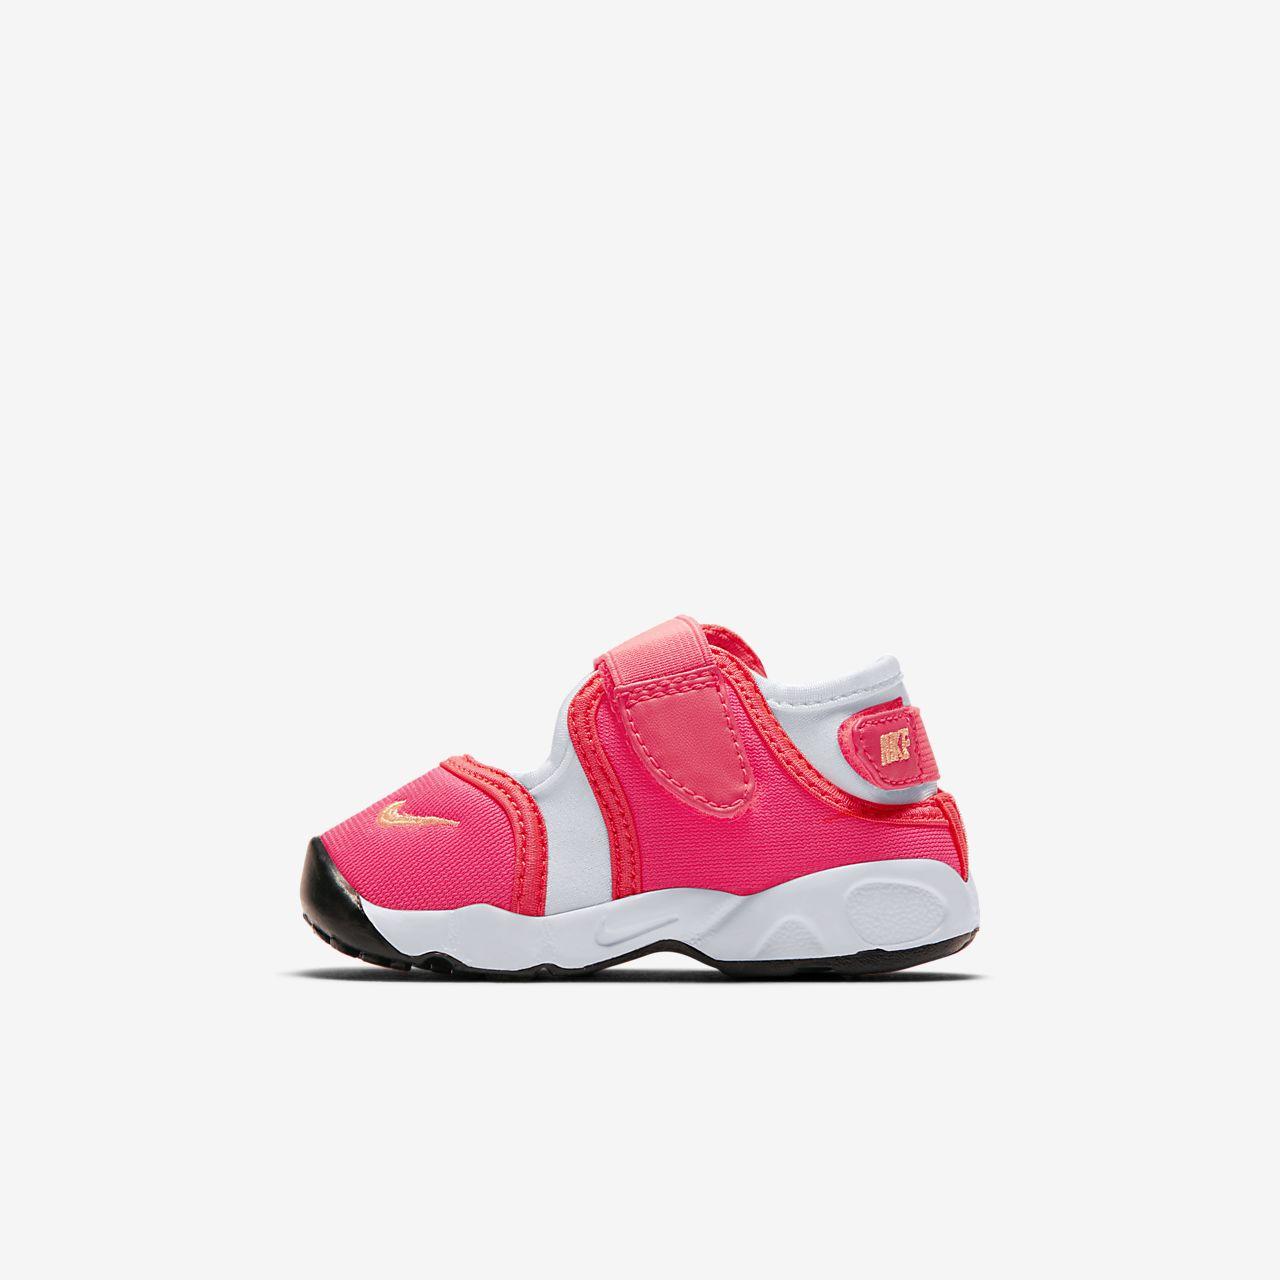 reputable site 5246f 2c55e ... Chaussure Nike Little Rift pour Bébé Petit enfant